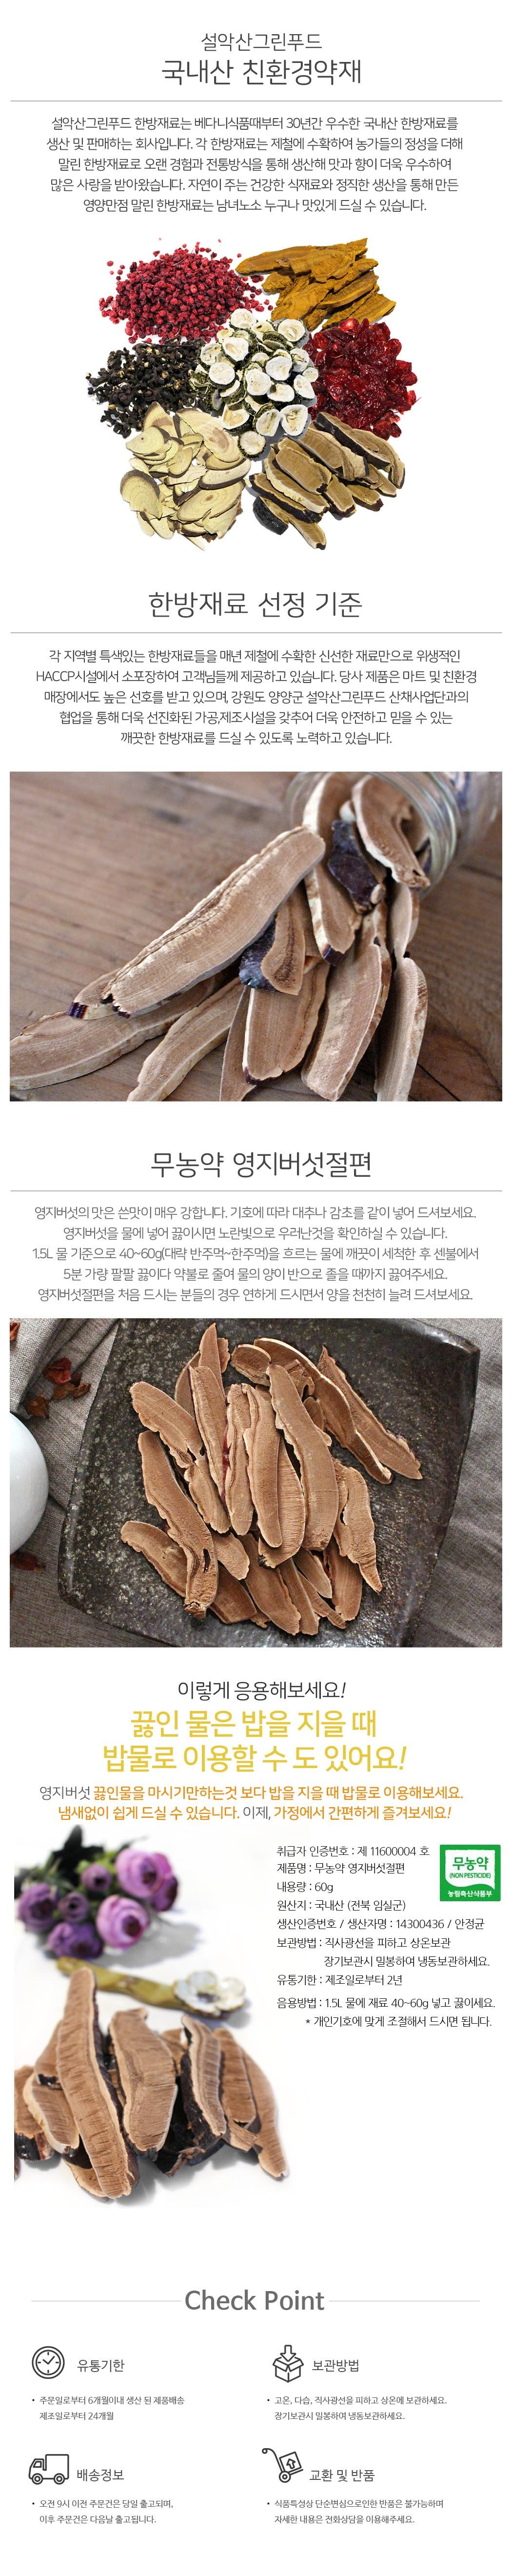 설악산그린푸드 국내산 무농약 영지버섯절편 친환경약재 한방재료